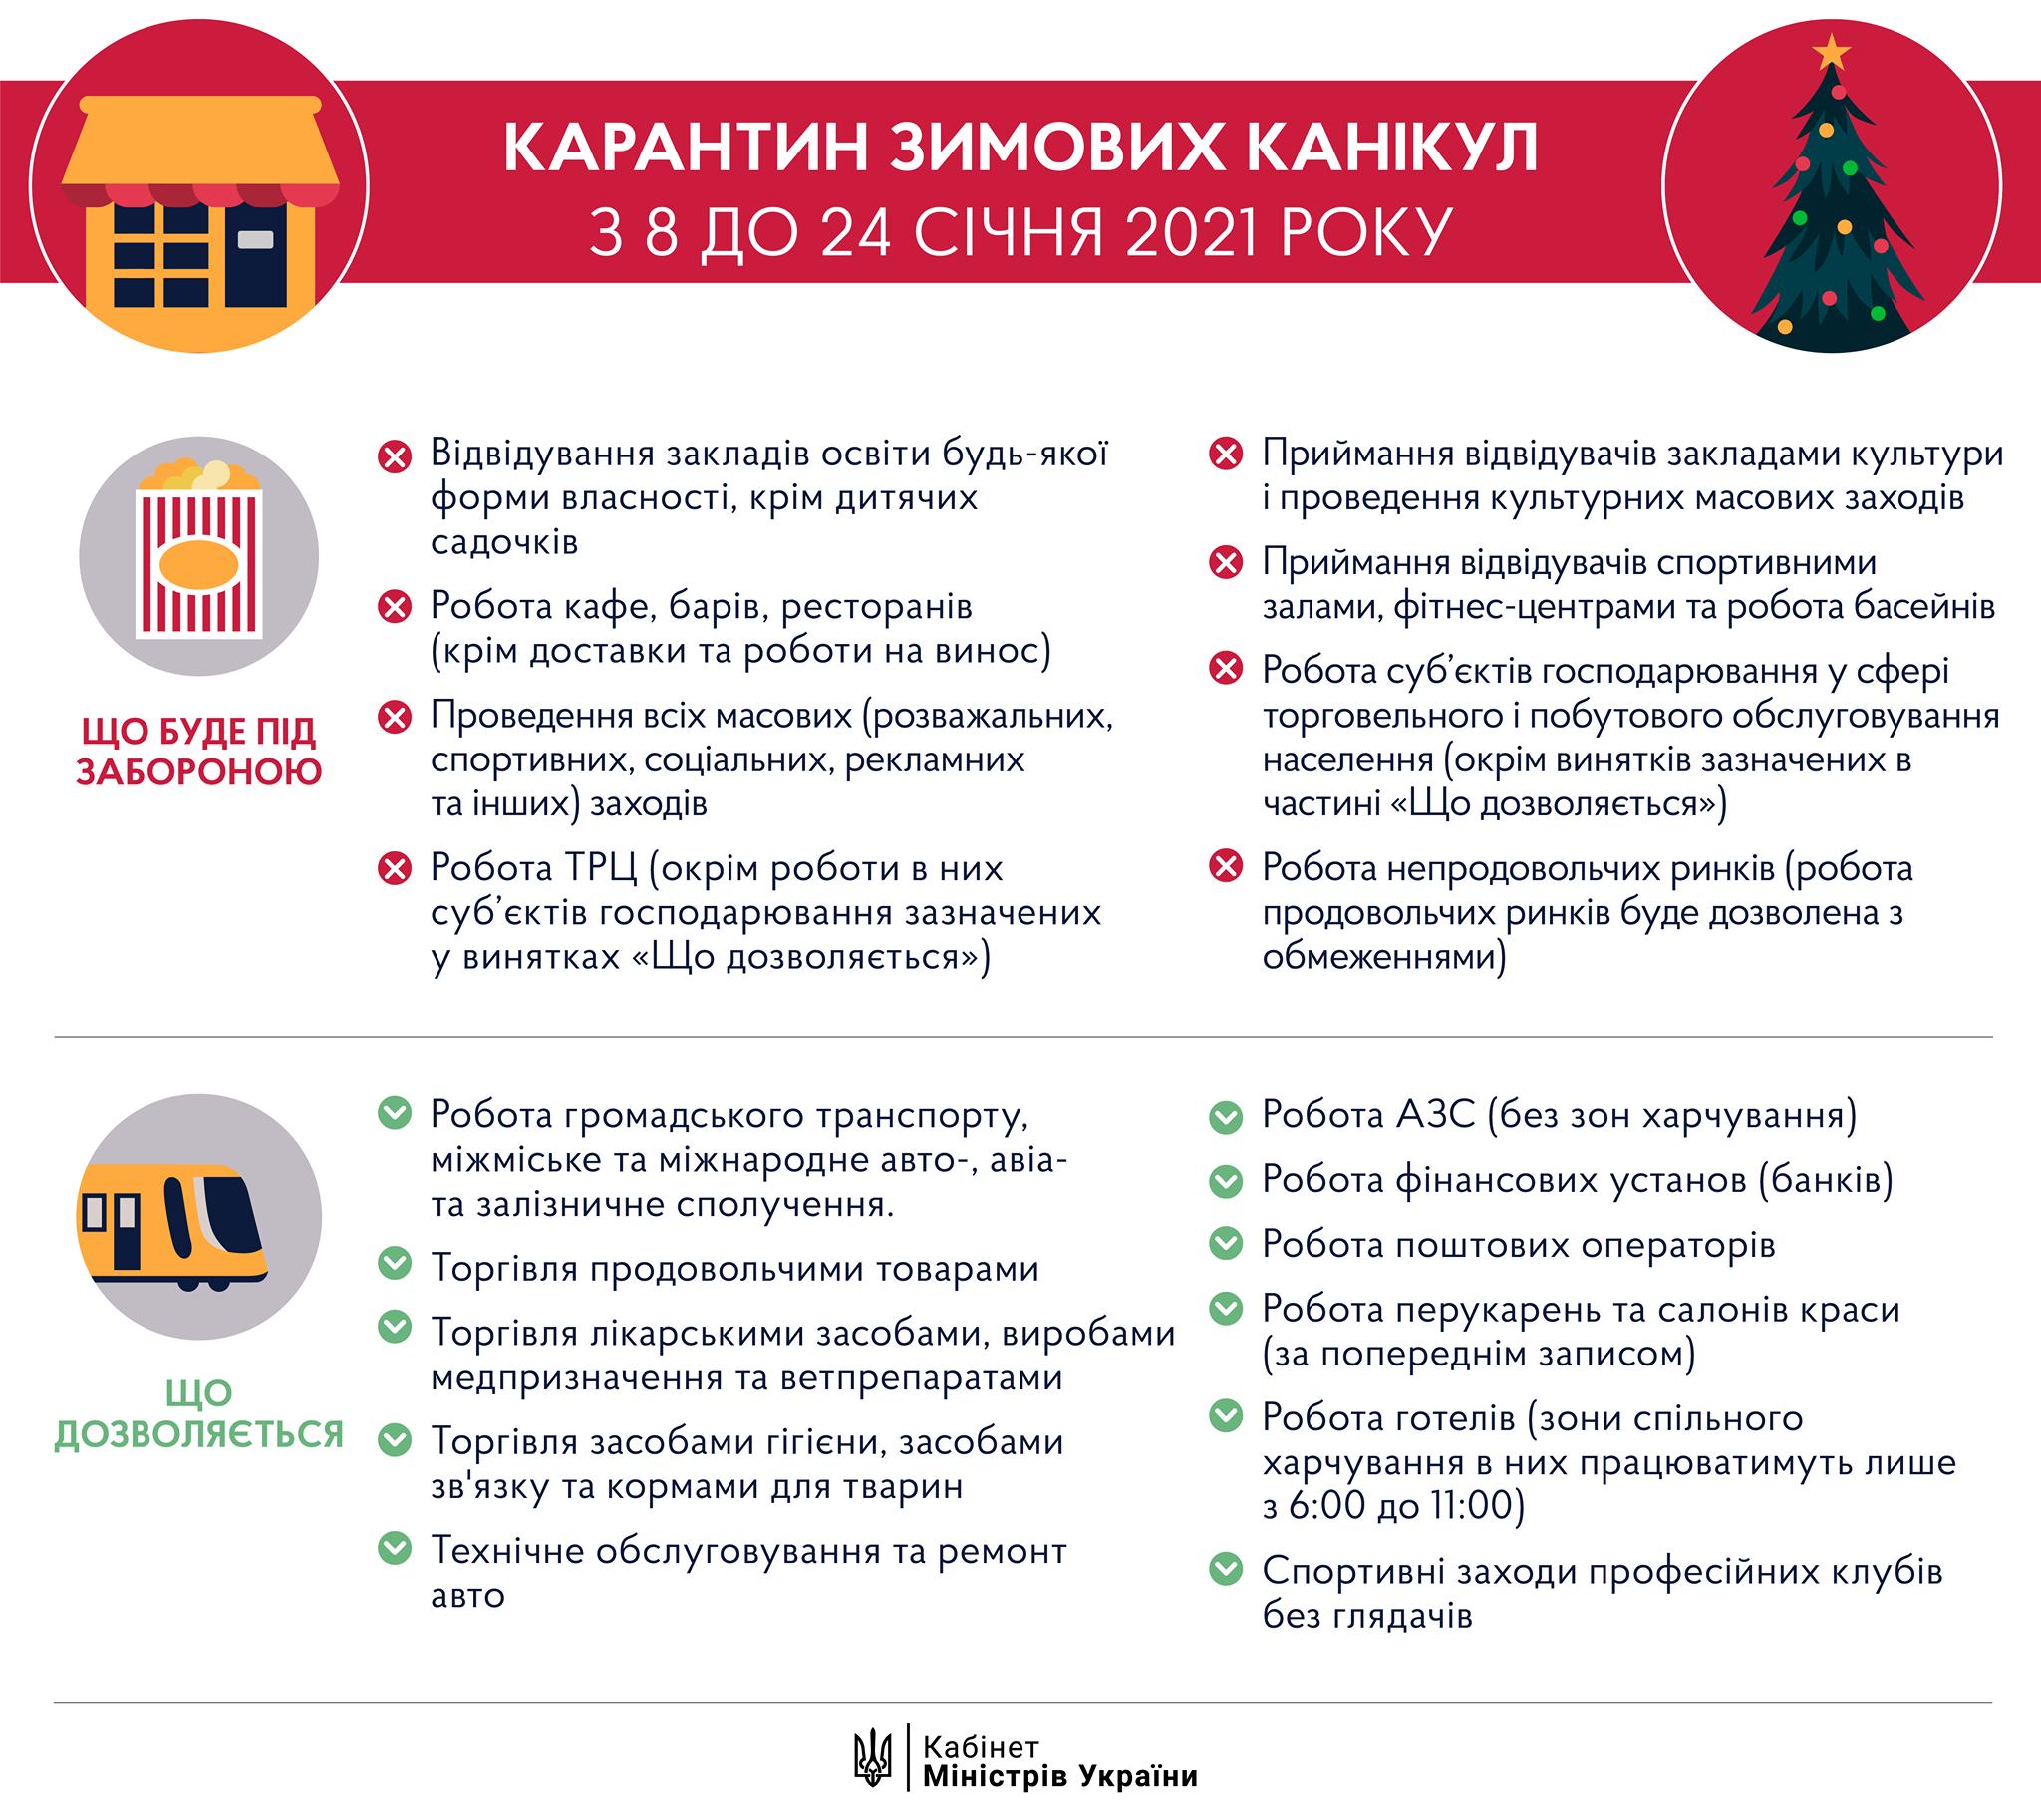 Будь в курсе: что изменится в Украине в 2021 году фото